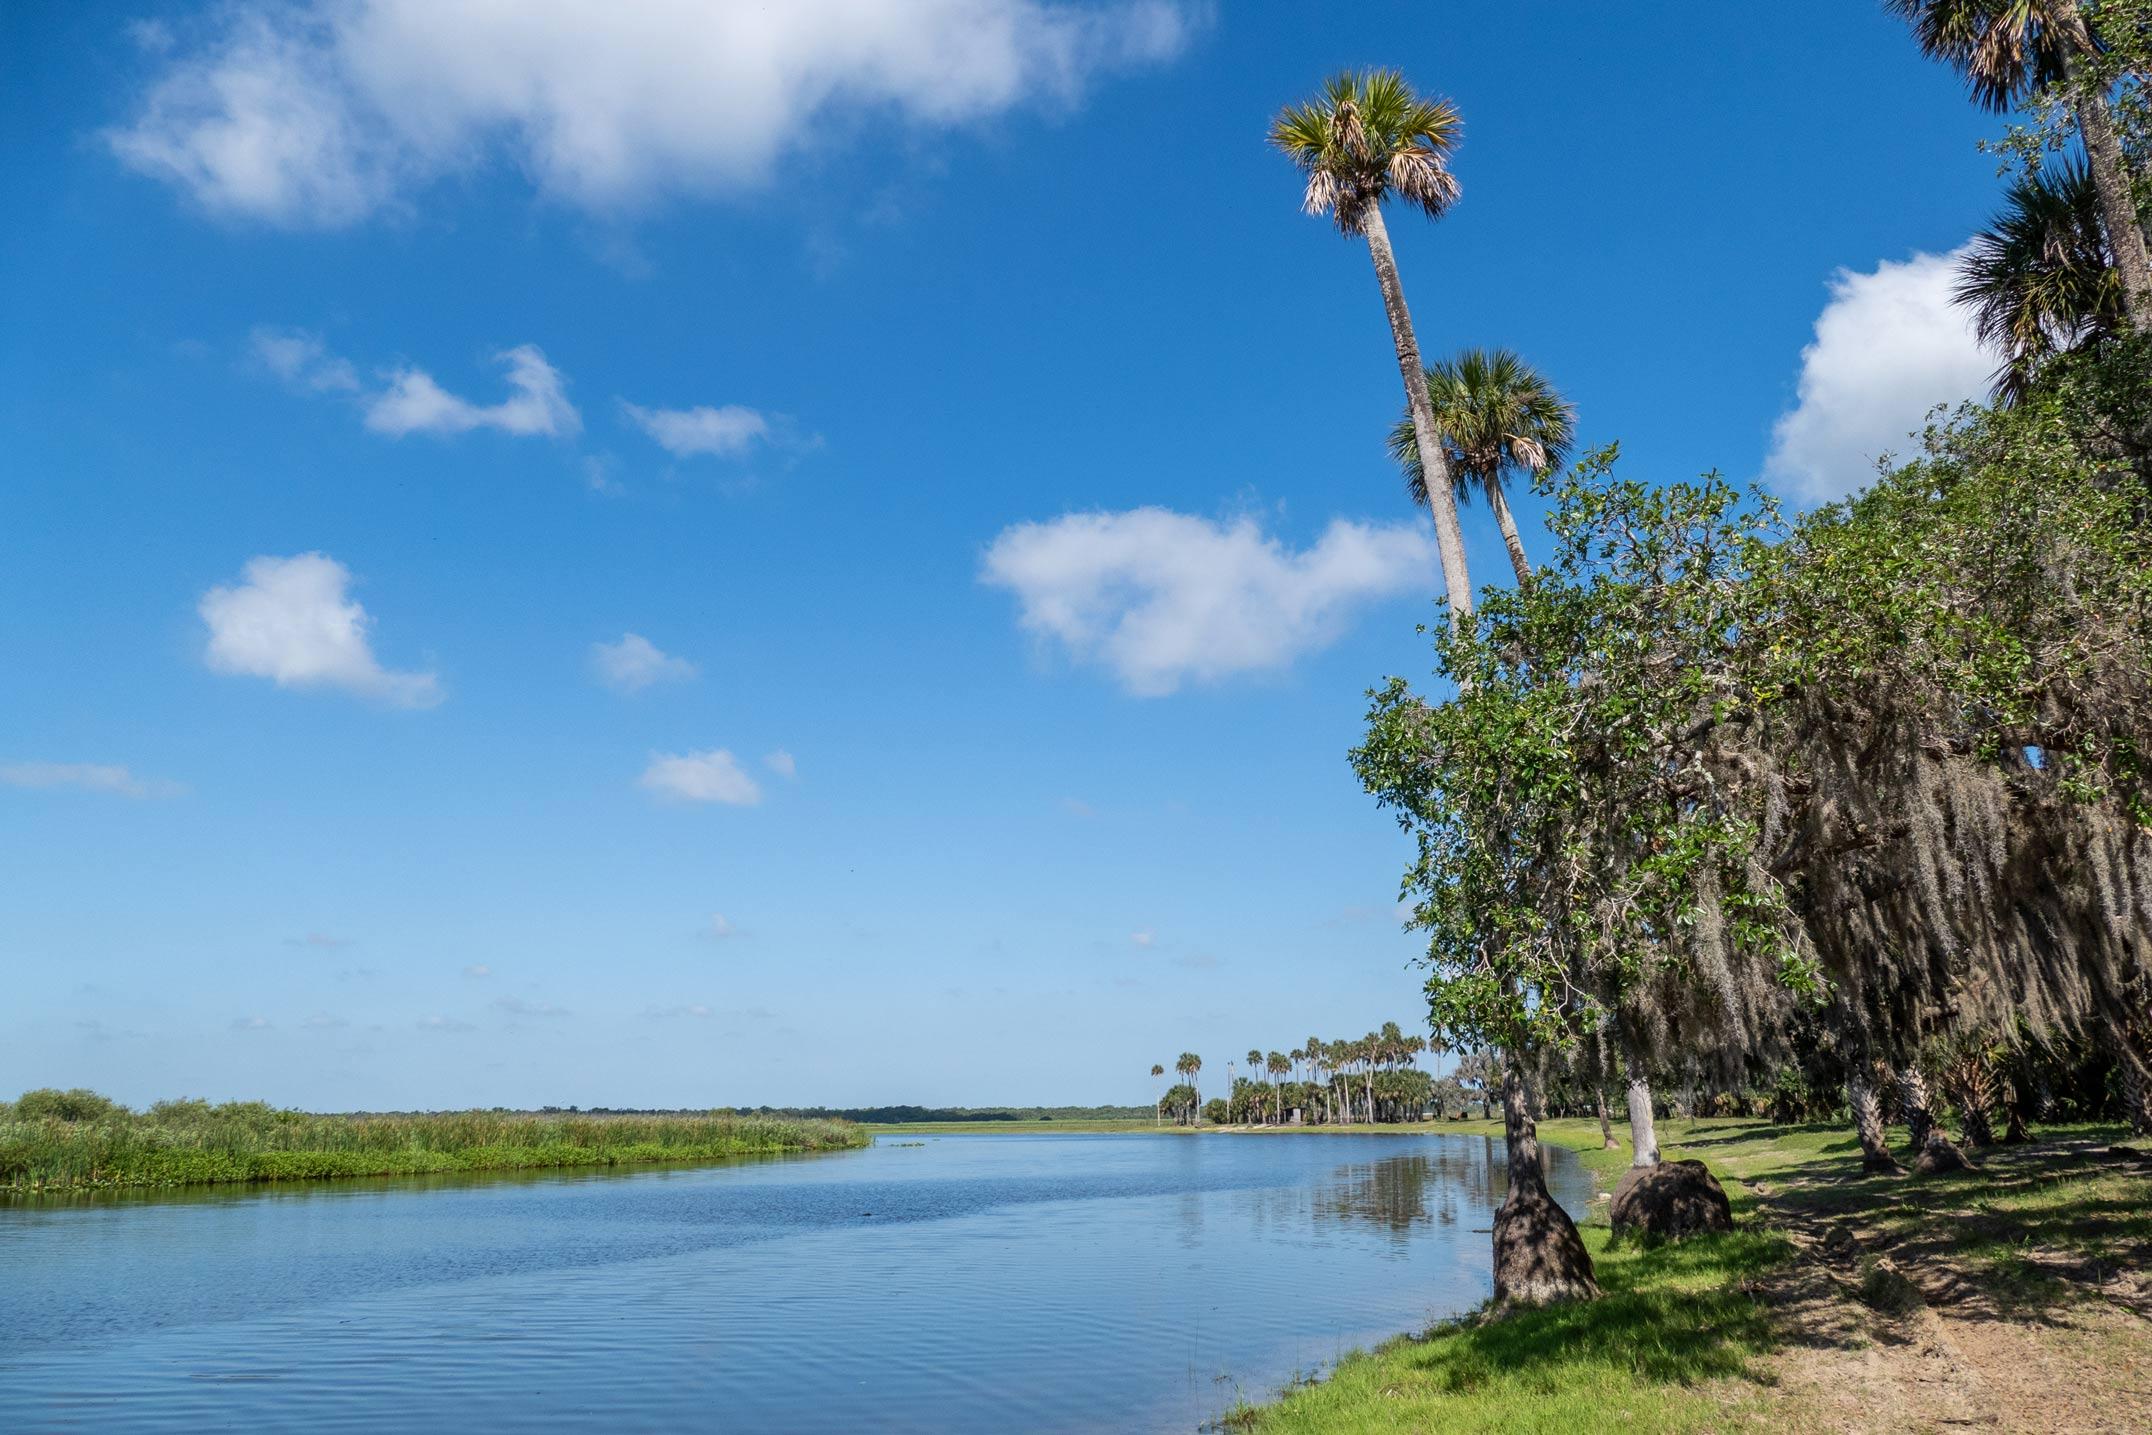 Palm trees on the shore of Lake Monroe